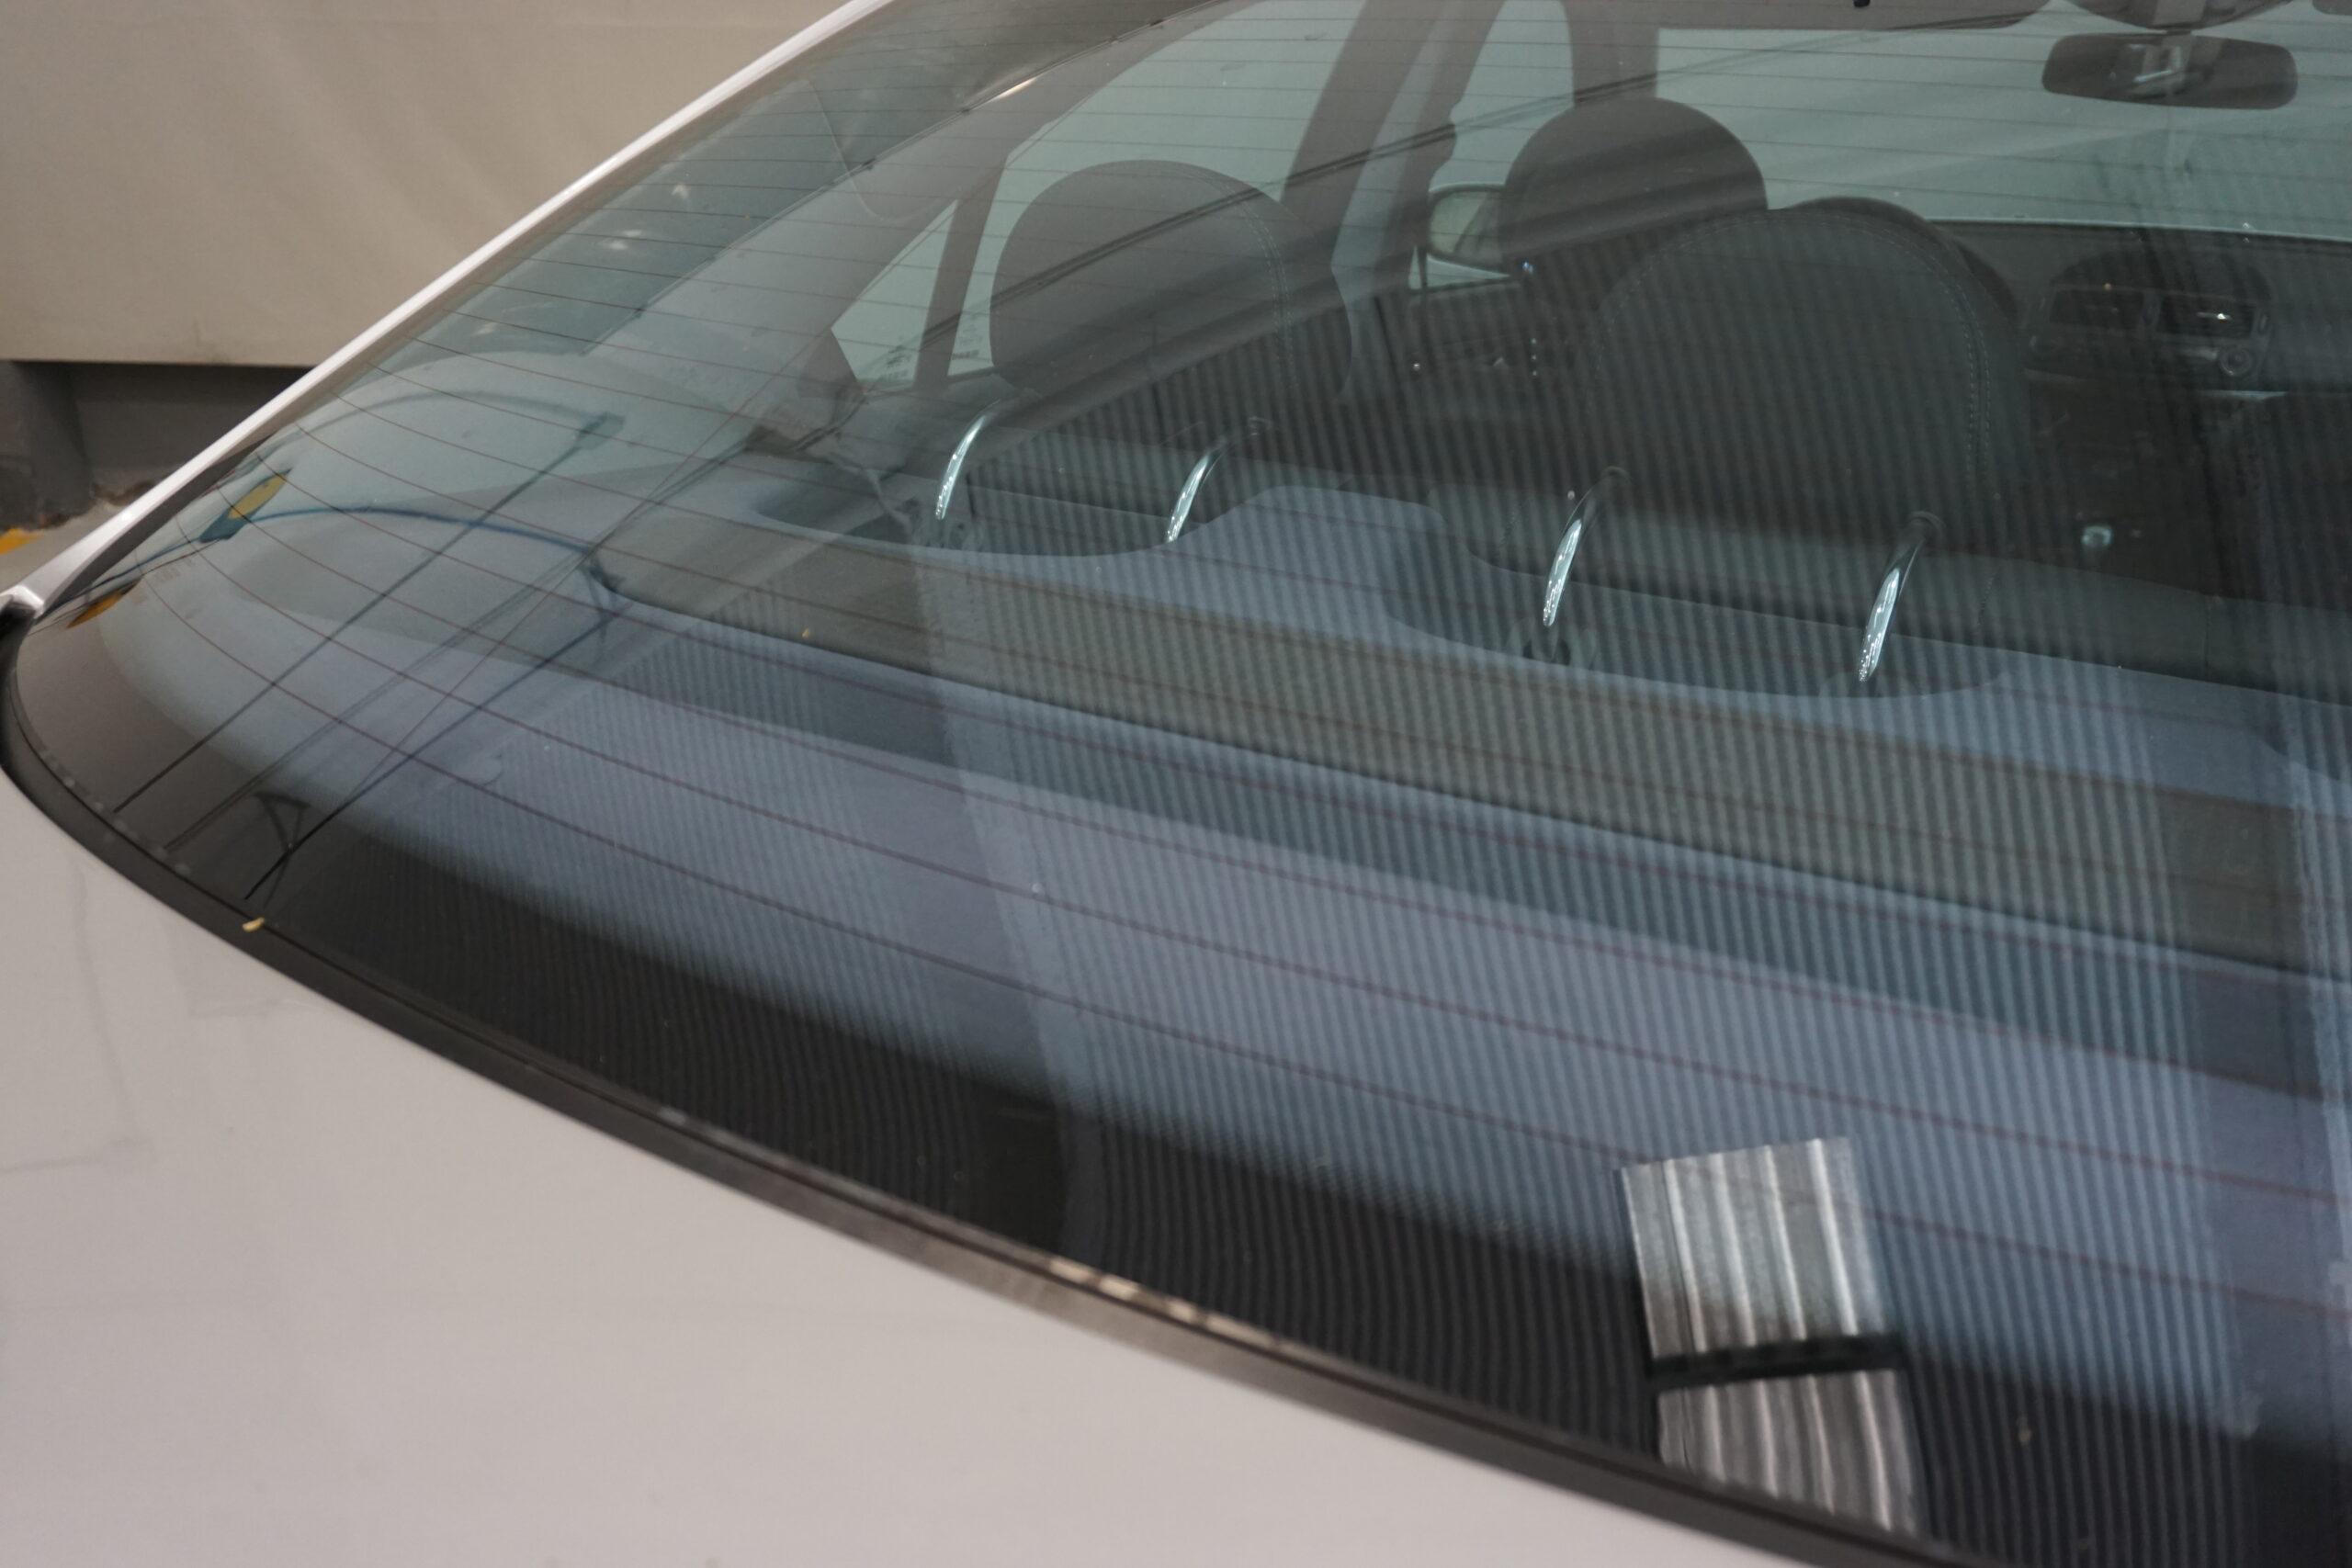 Mercedes-Benz E270CDI 2.7D 163CV